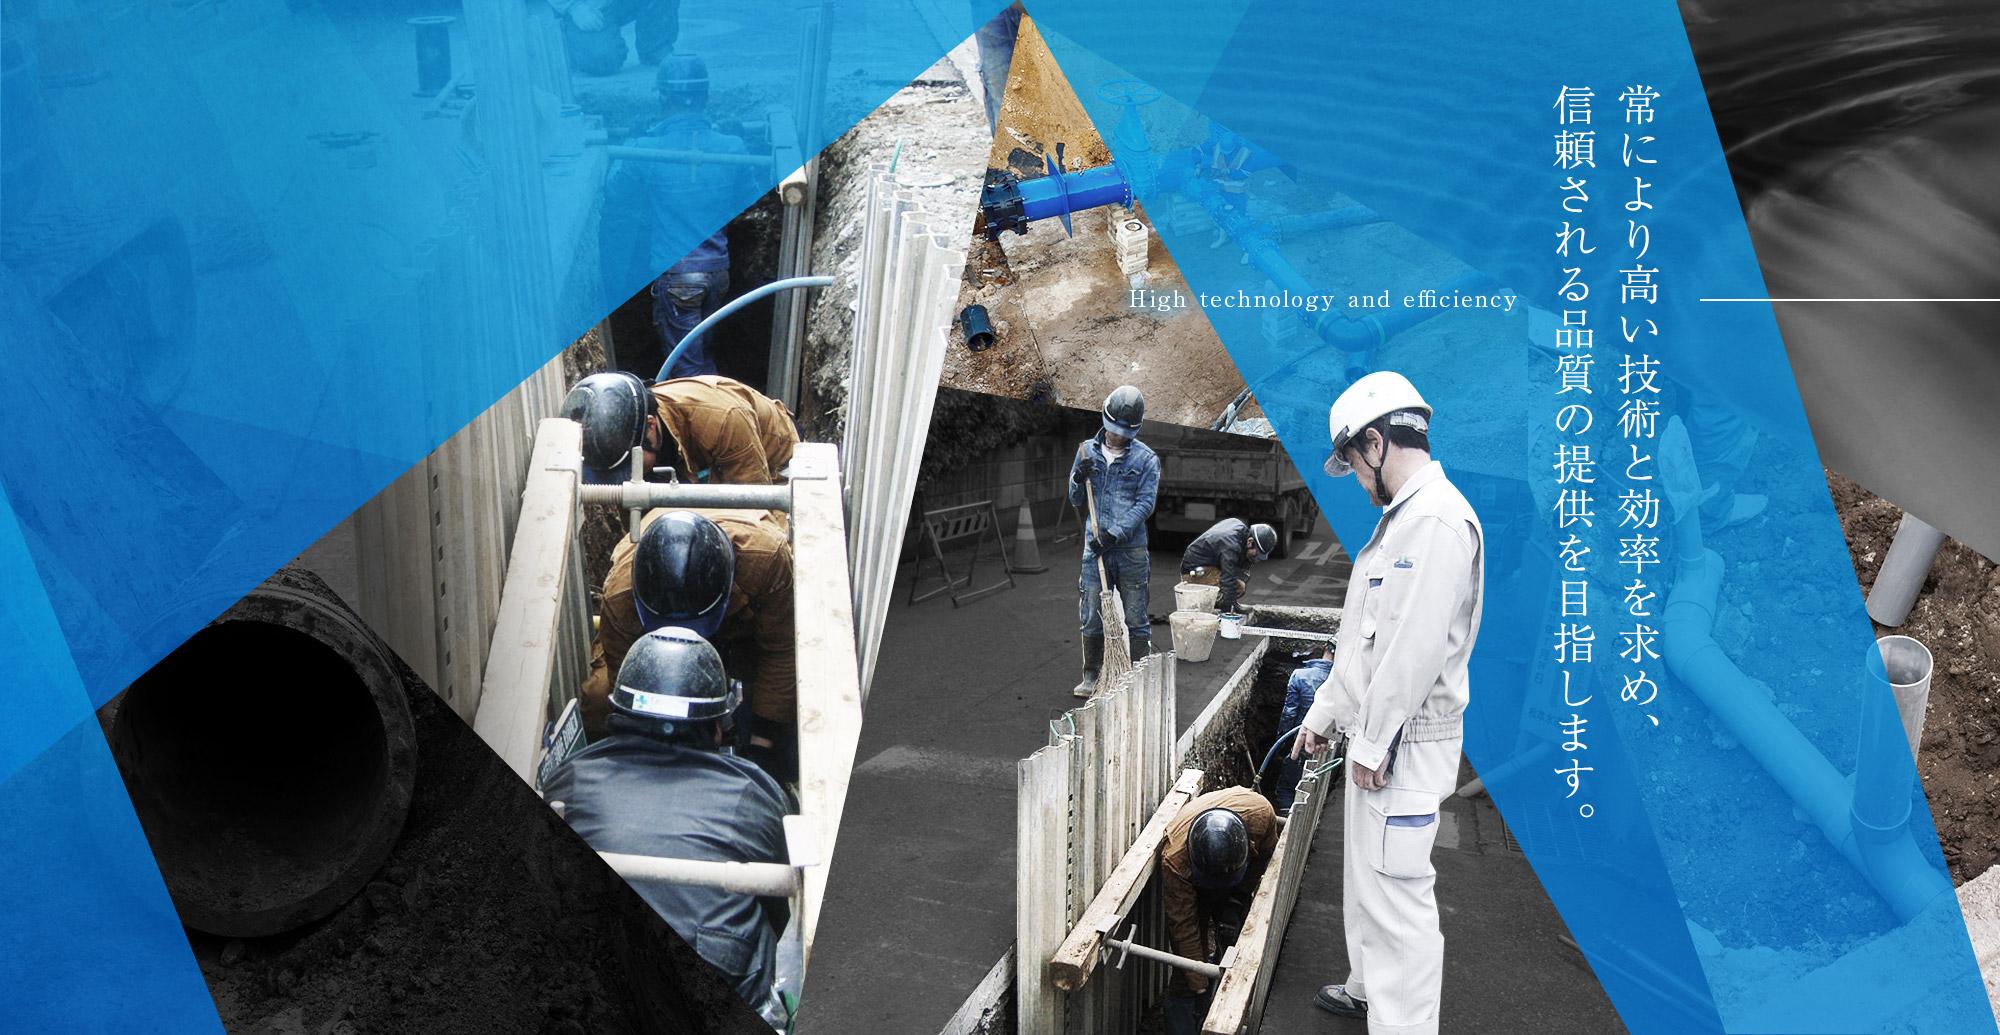 常に高い技術と効率を求め、信頼される品質の提供を目指します。